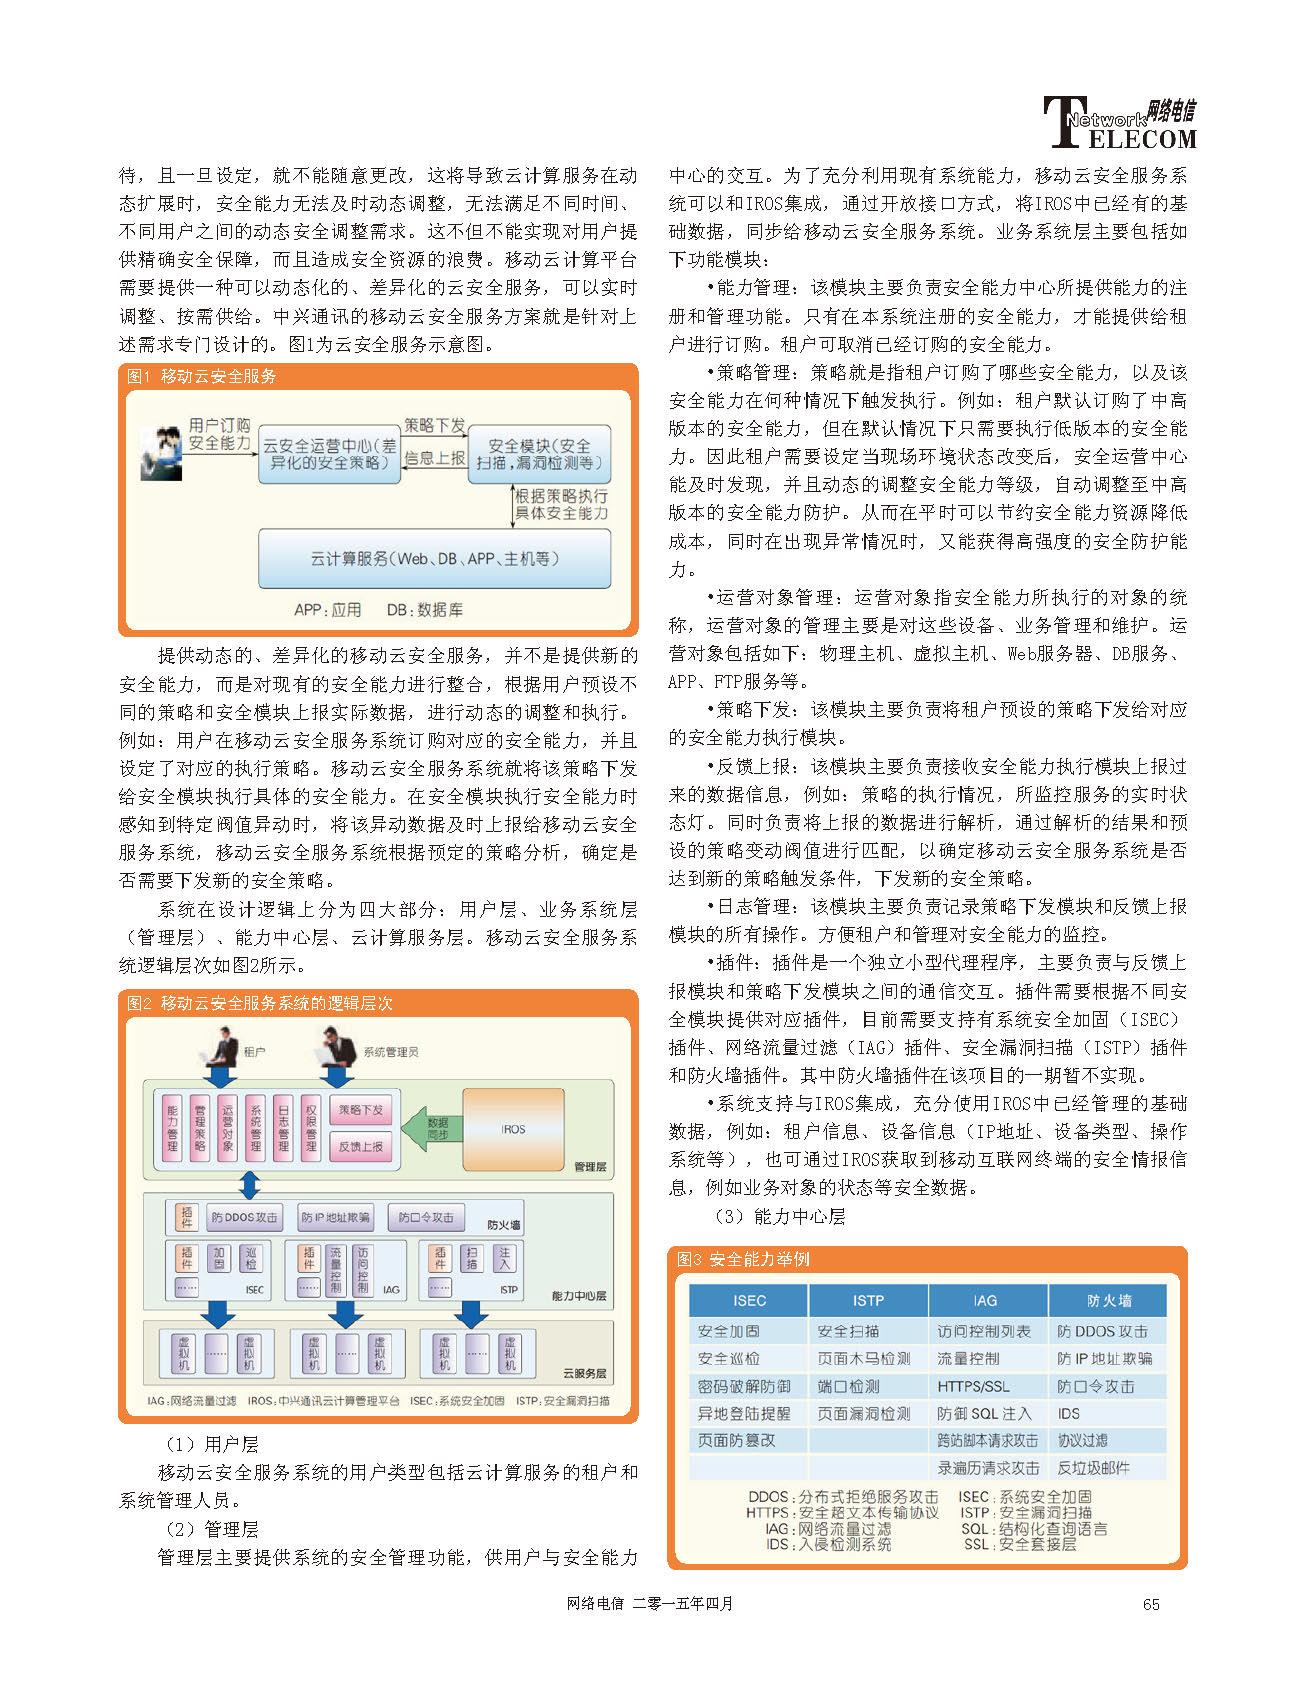 电信2015-04_页面_65.jpg